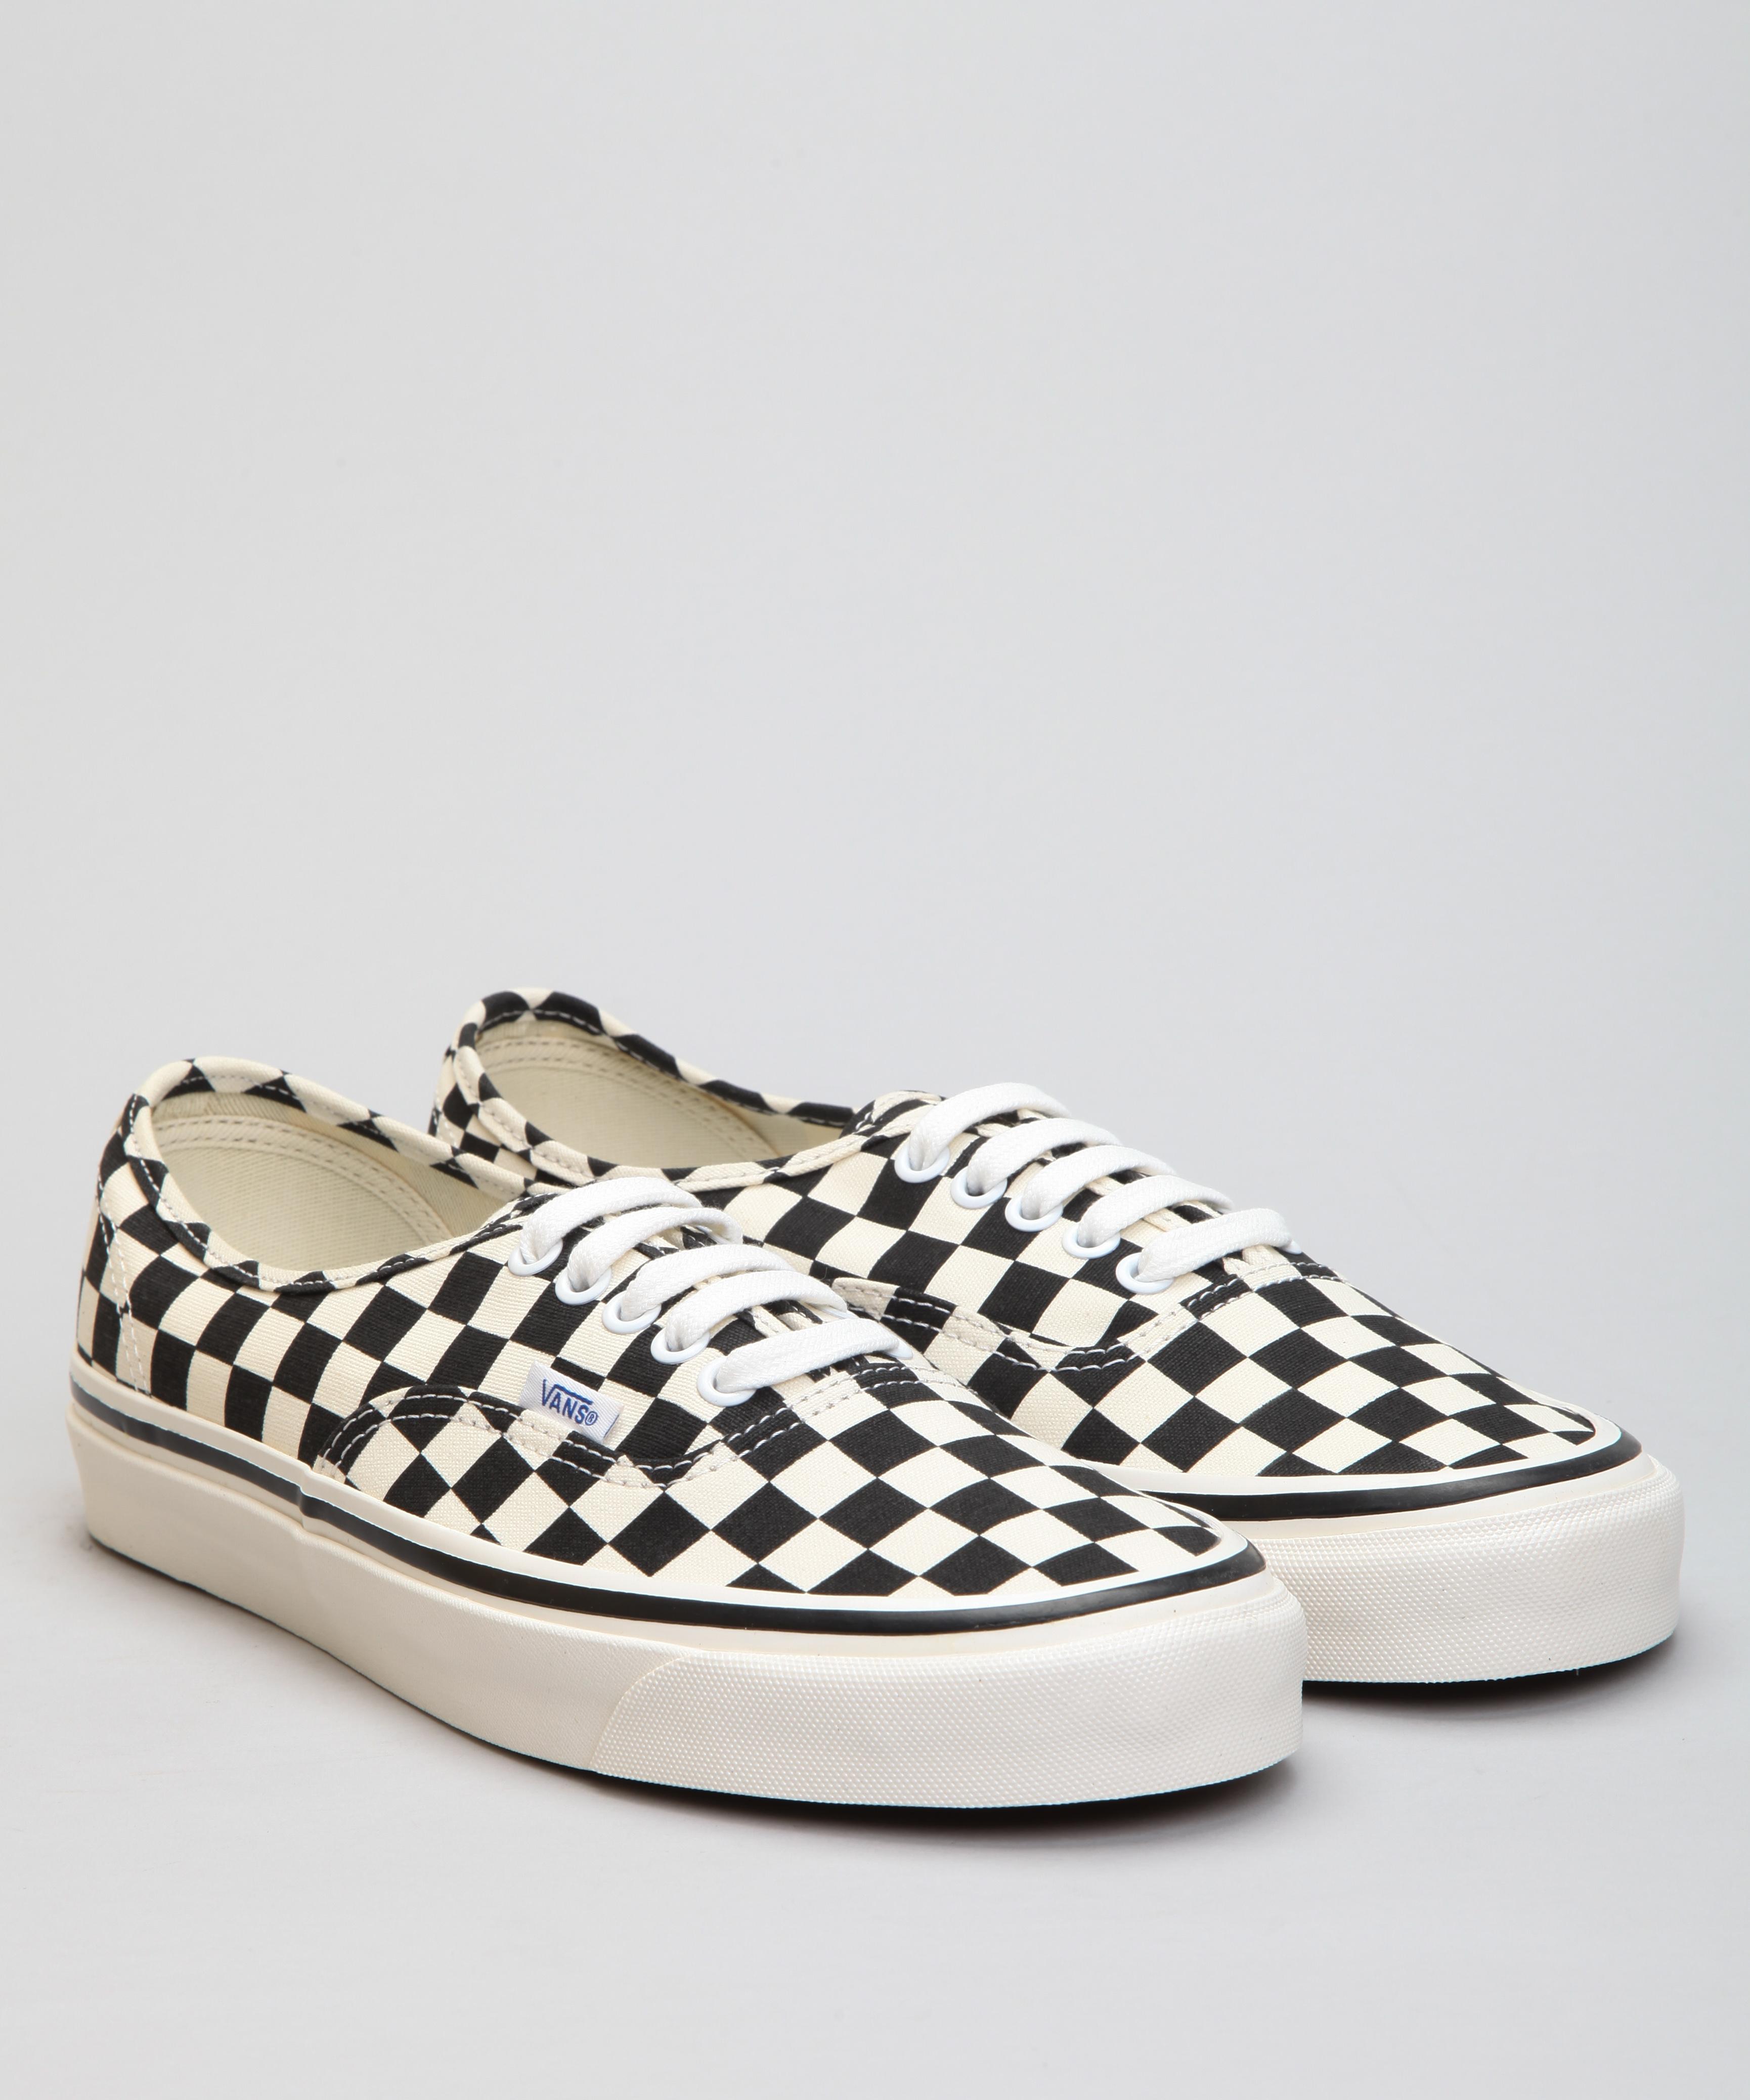 Vans Shoes Shoes Online Lester Store